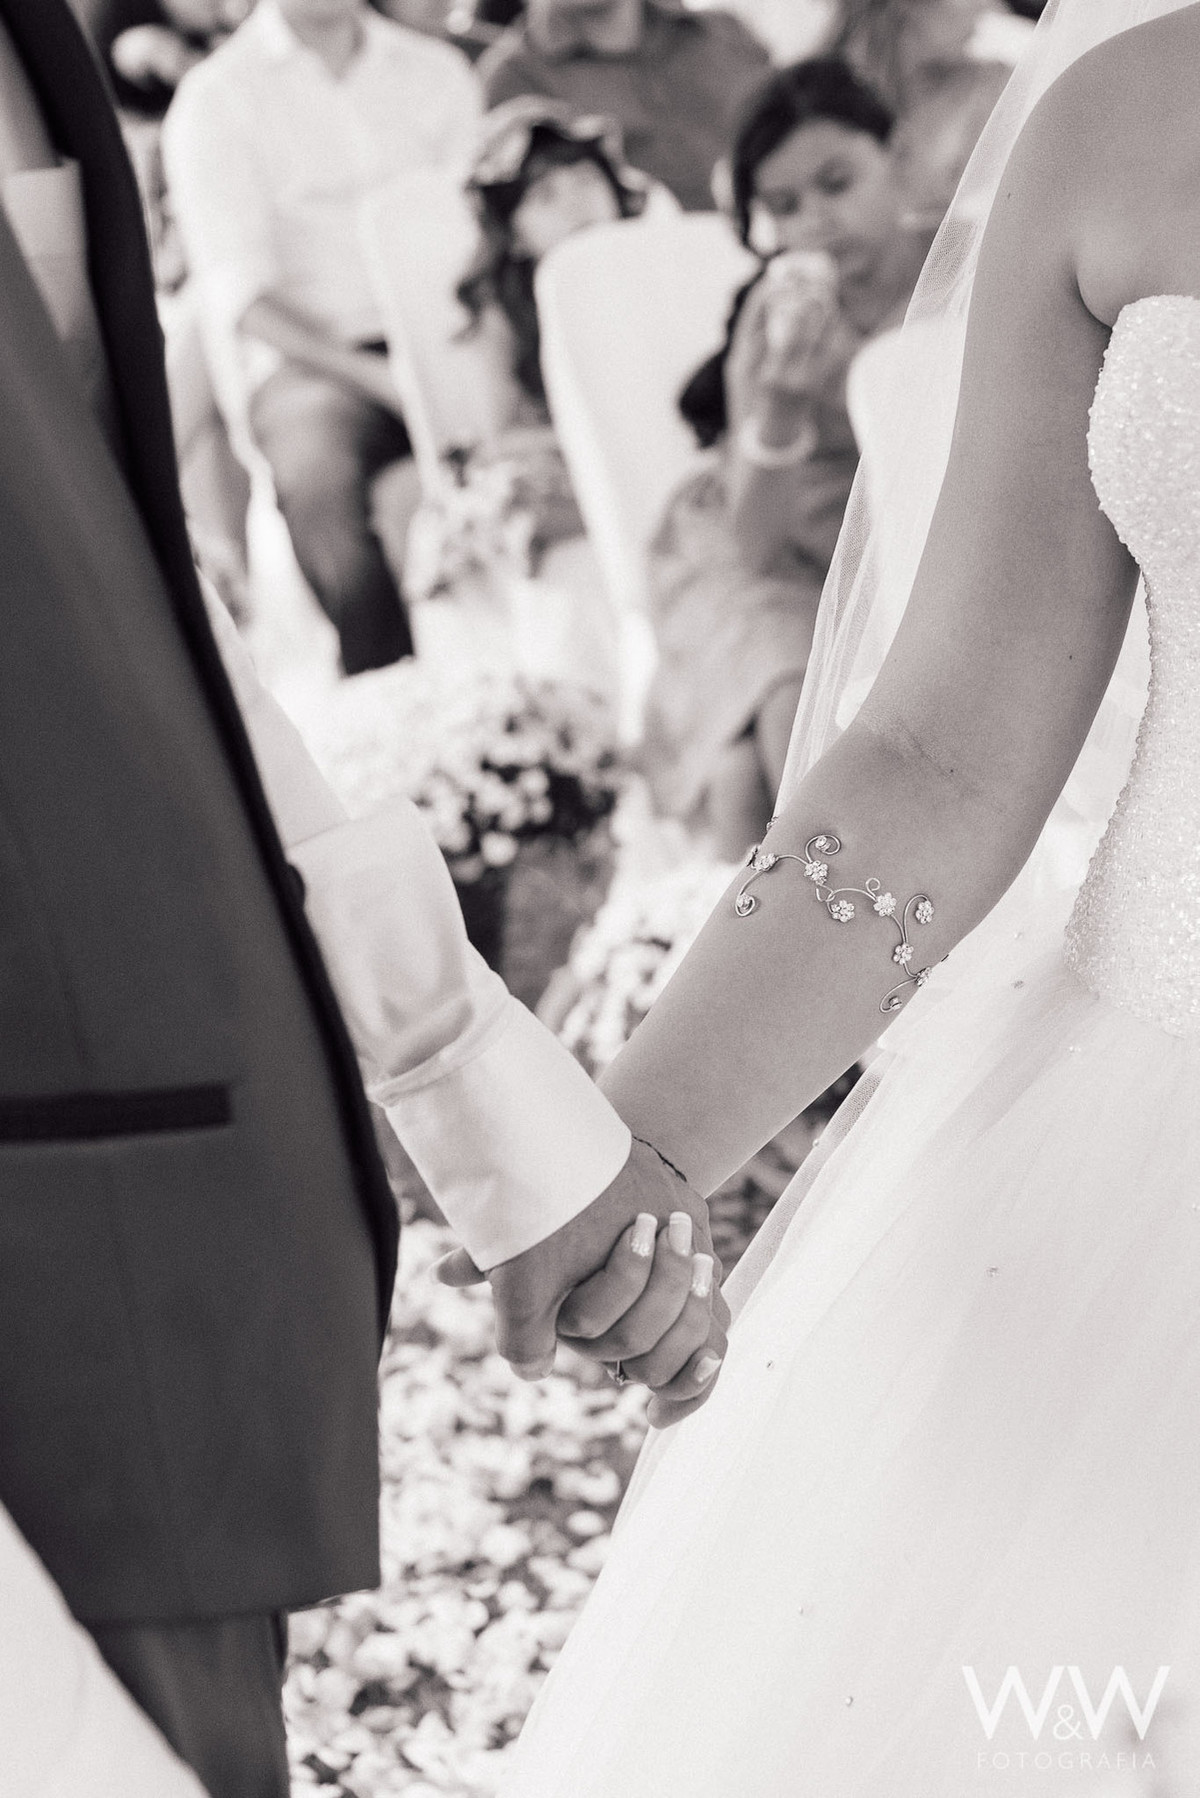 casamento ar livre boituva sp